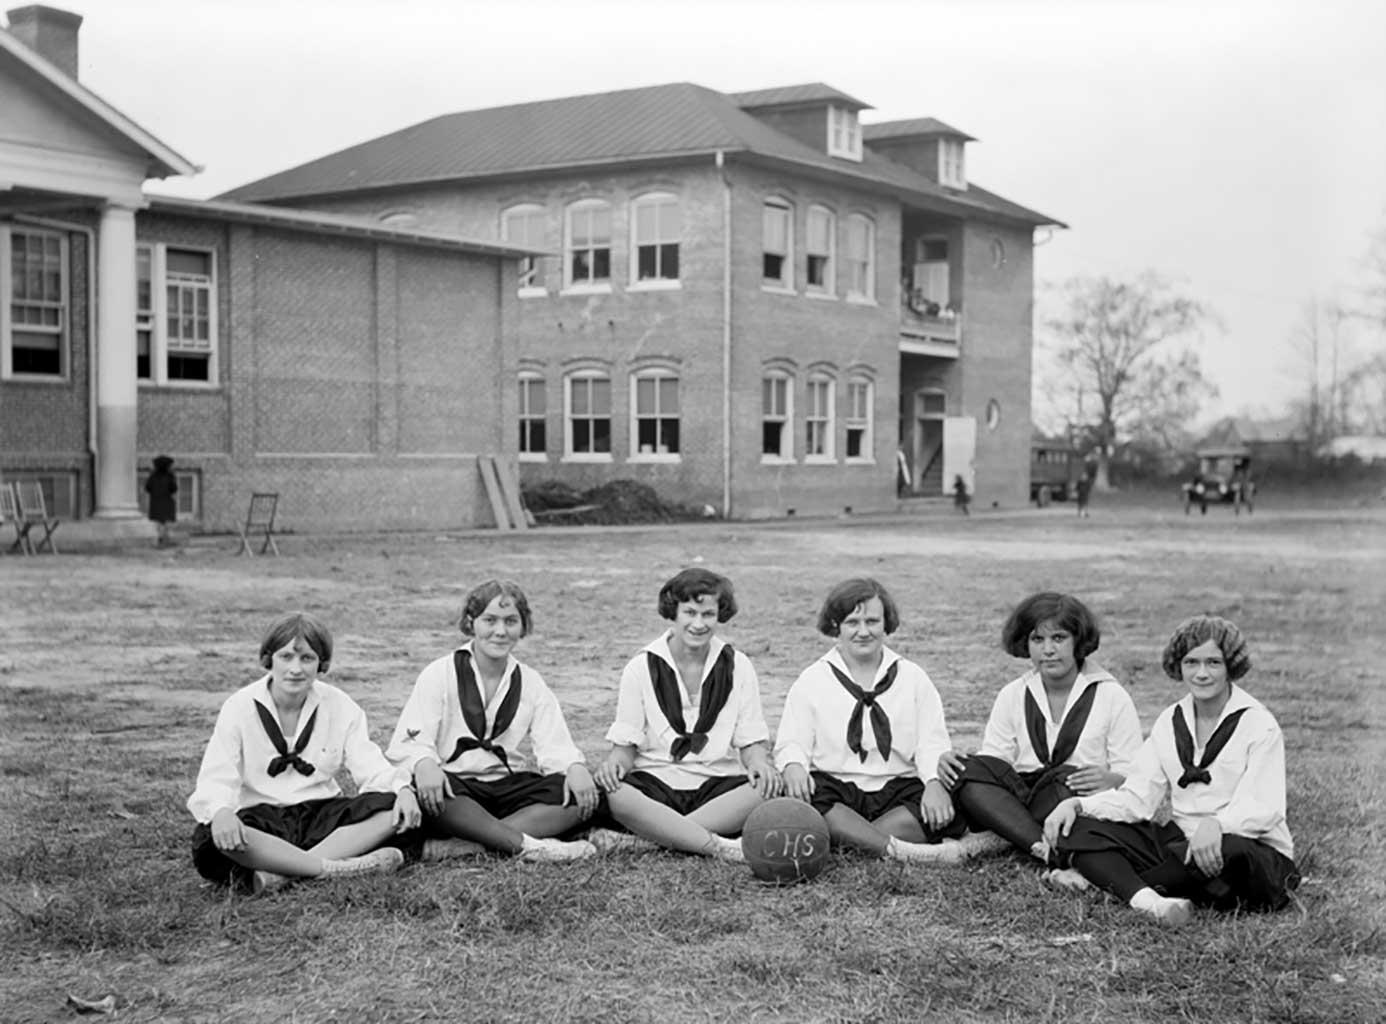 chs-girls-basketball-team-1924-1925-0003-chuckatuck-school